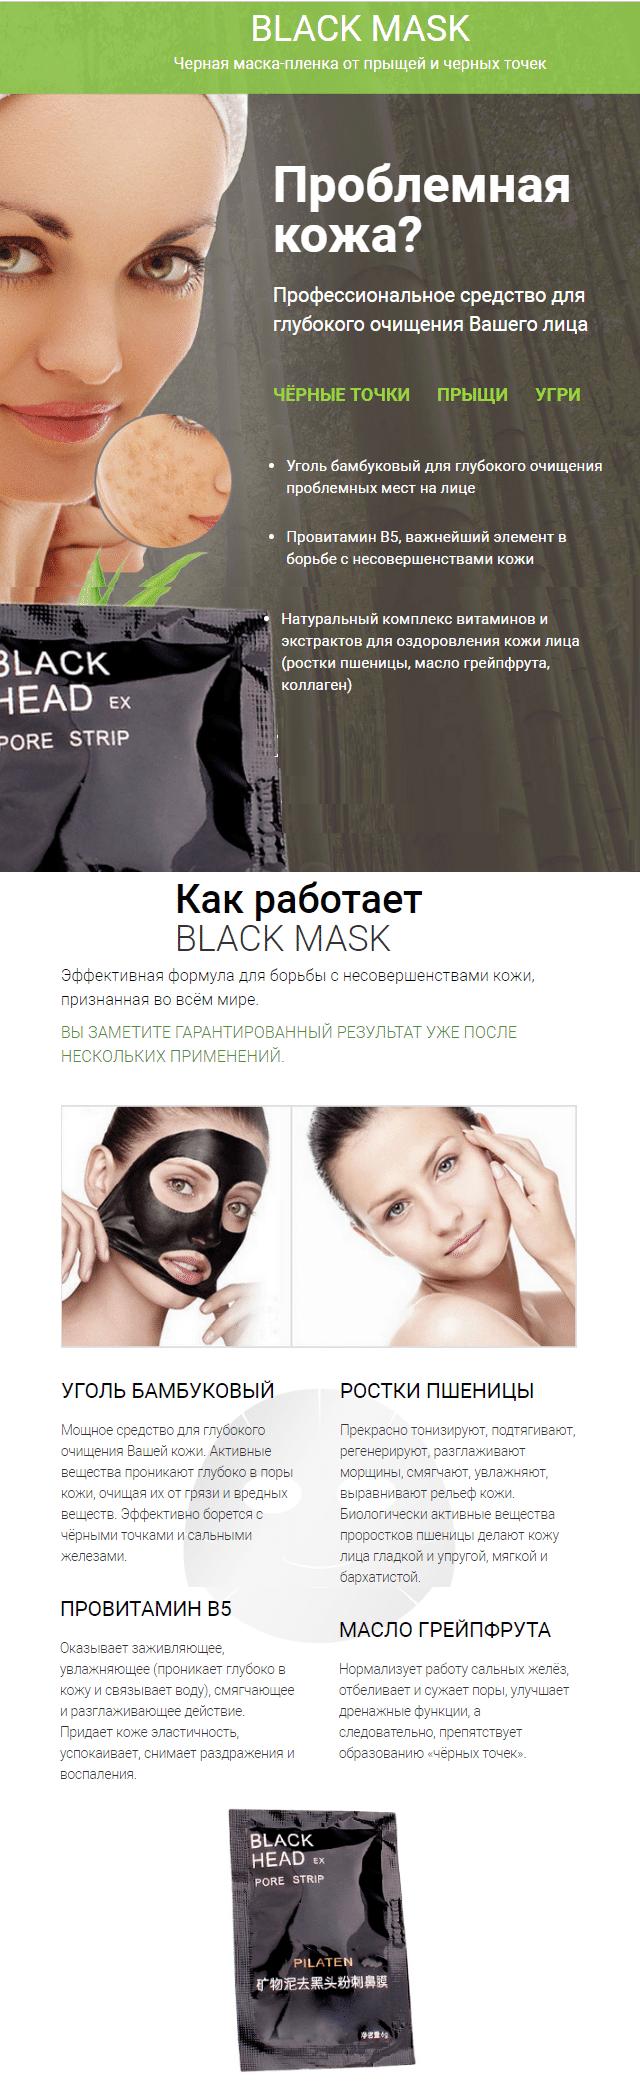 черная маска пленка от черных точек купить